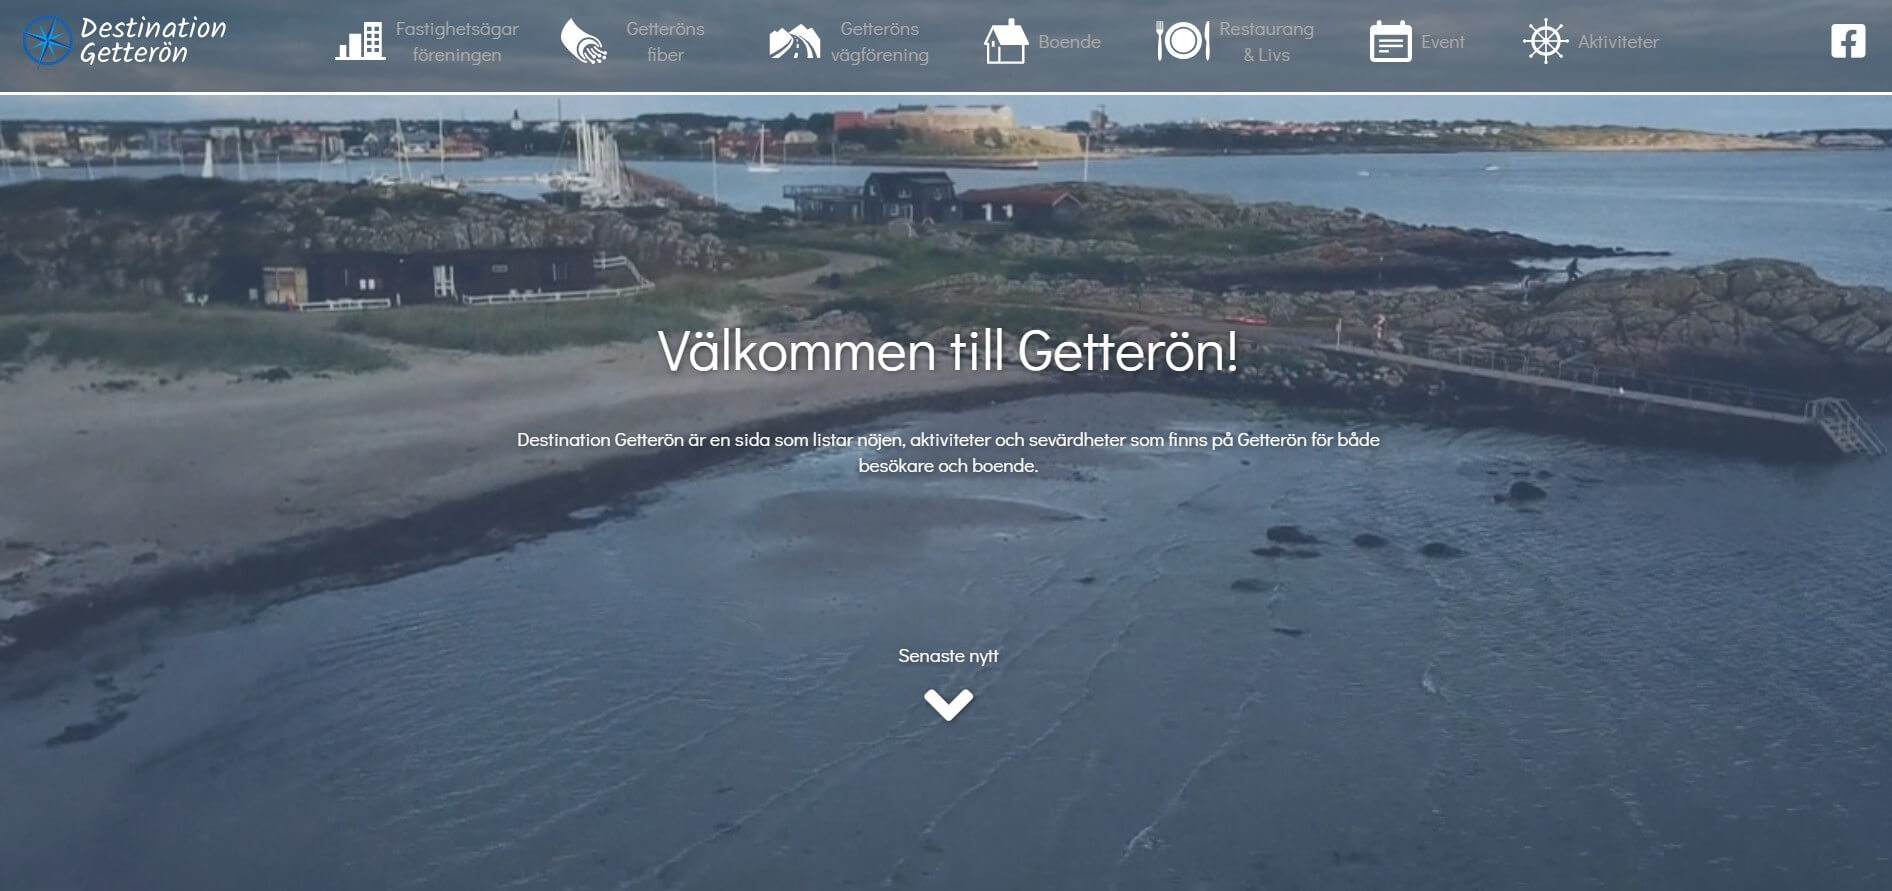 Destination Getterön ger info om sevärdheter